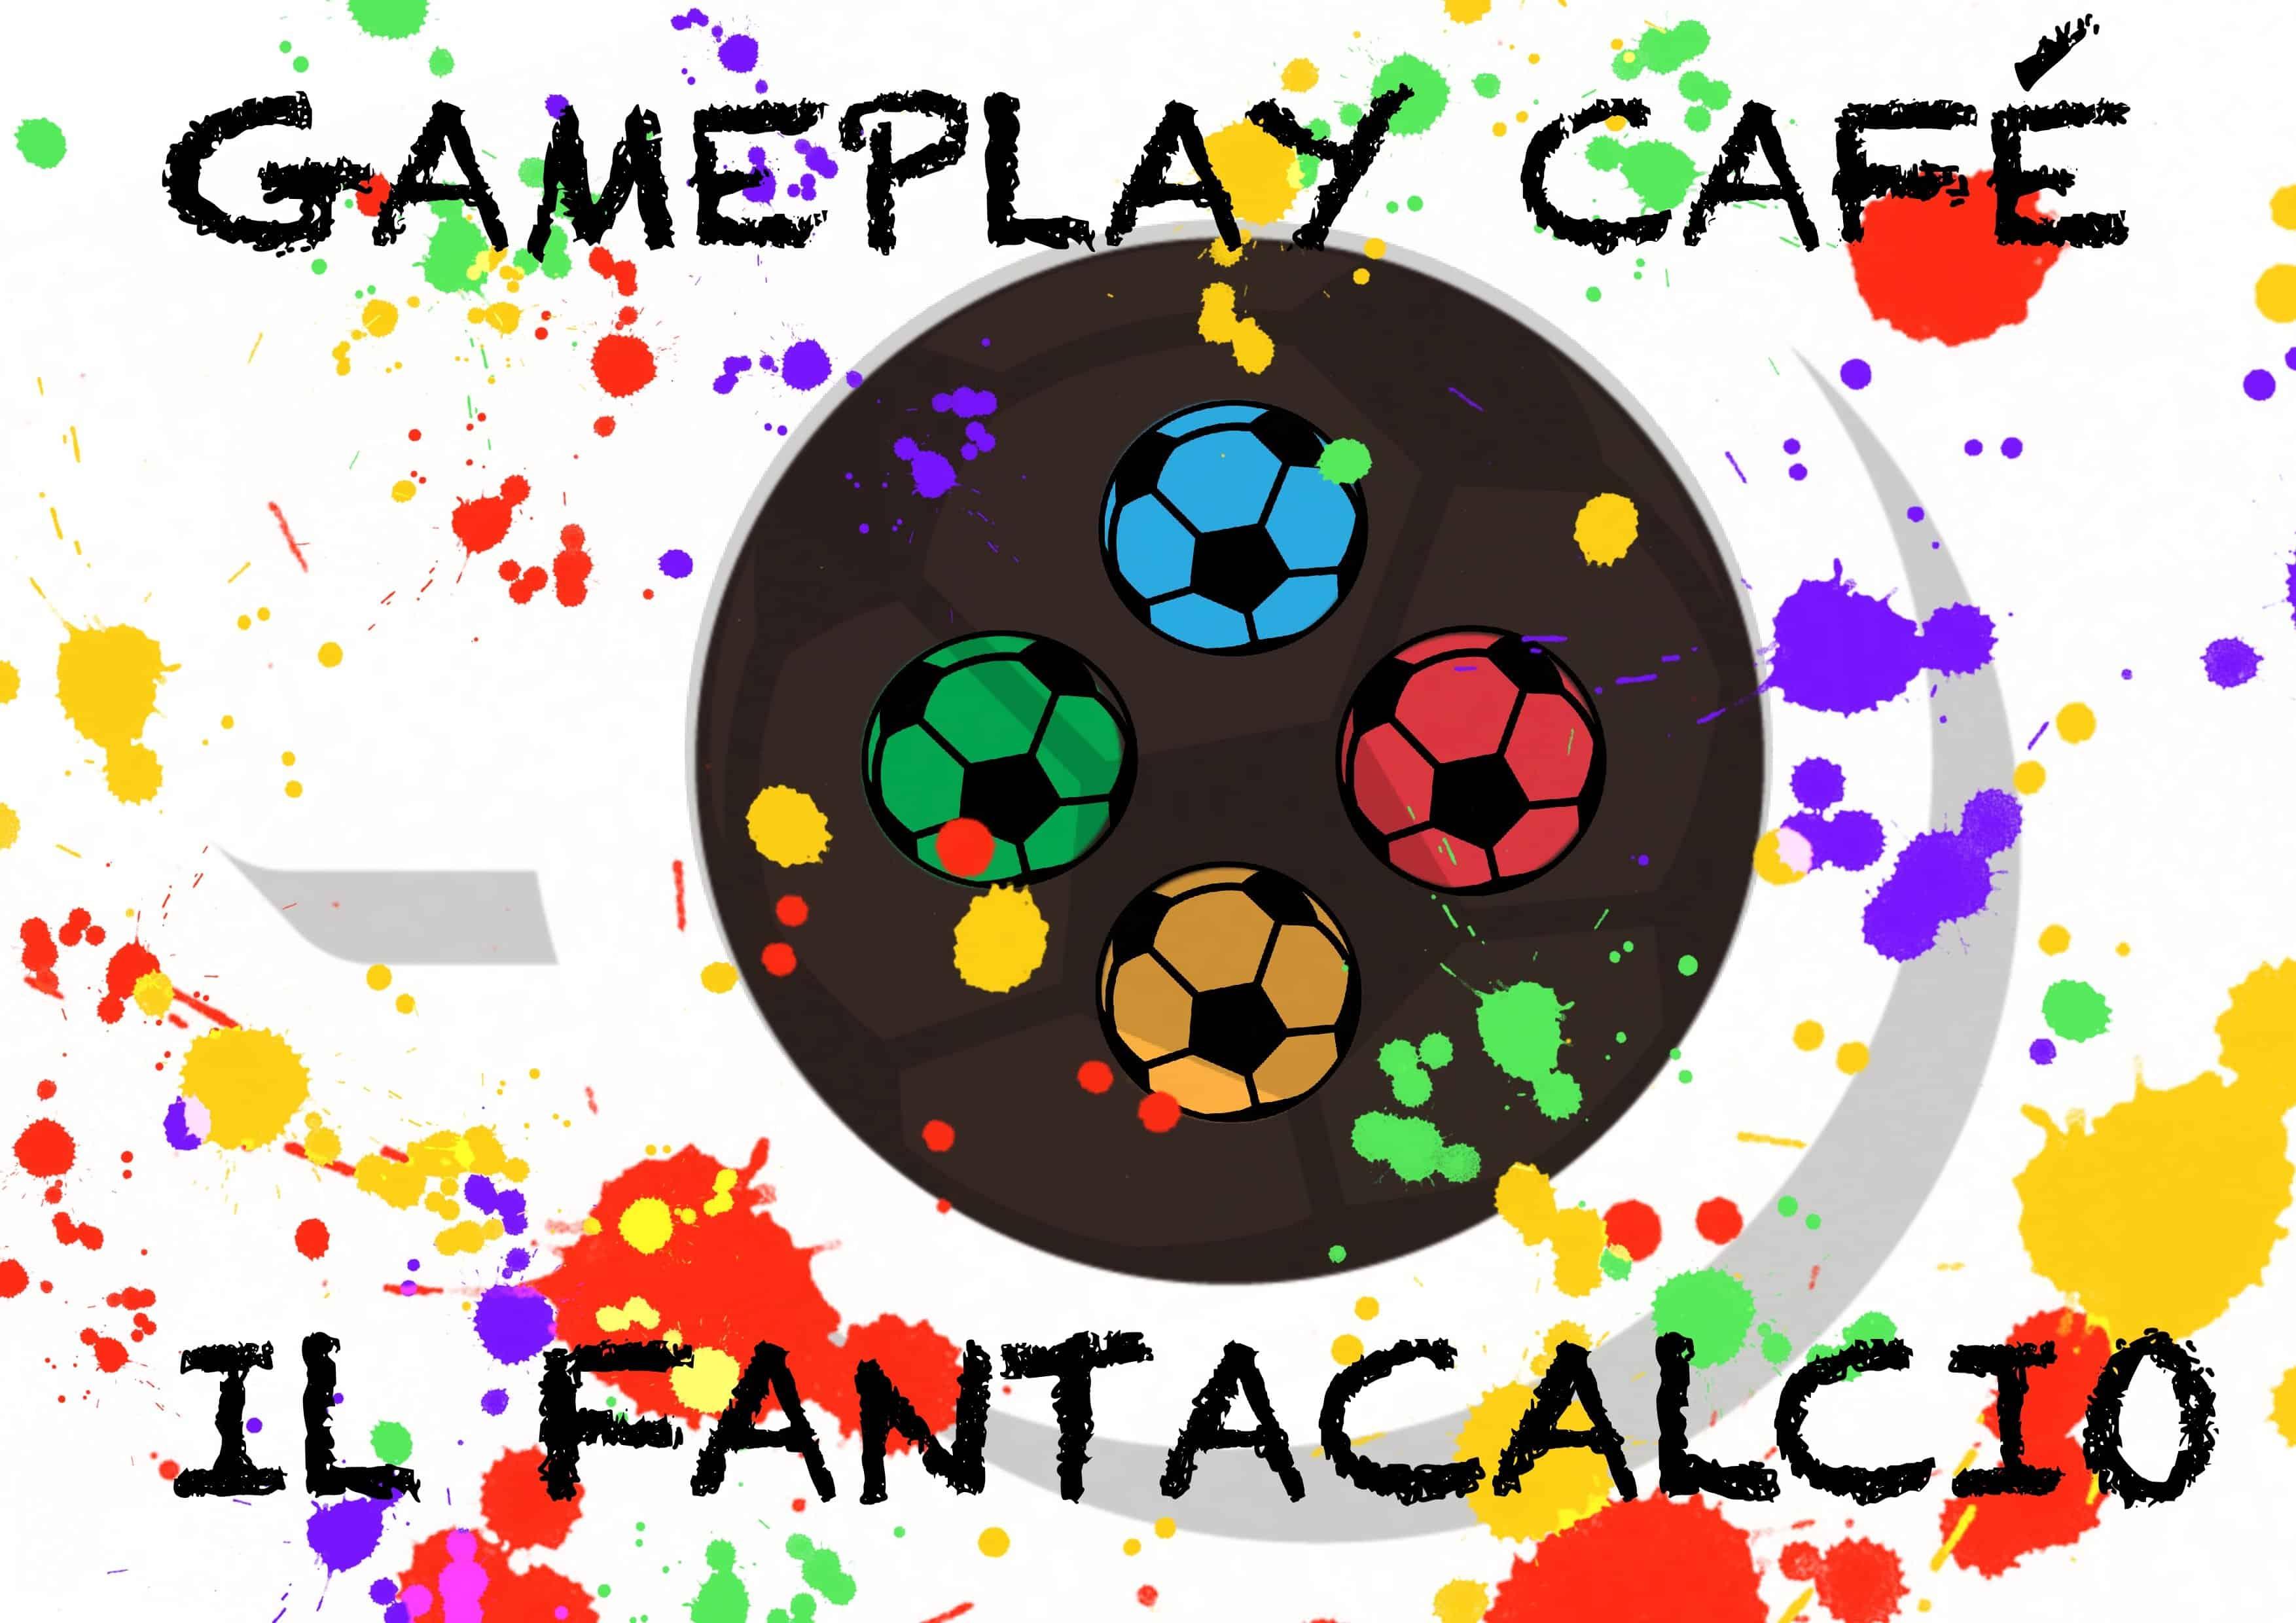 Fantacalcio Gameplay Cafè